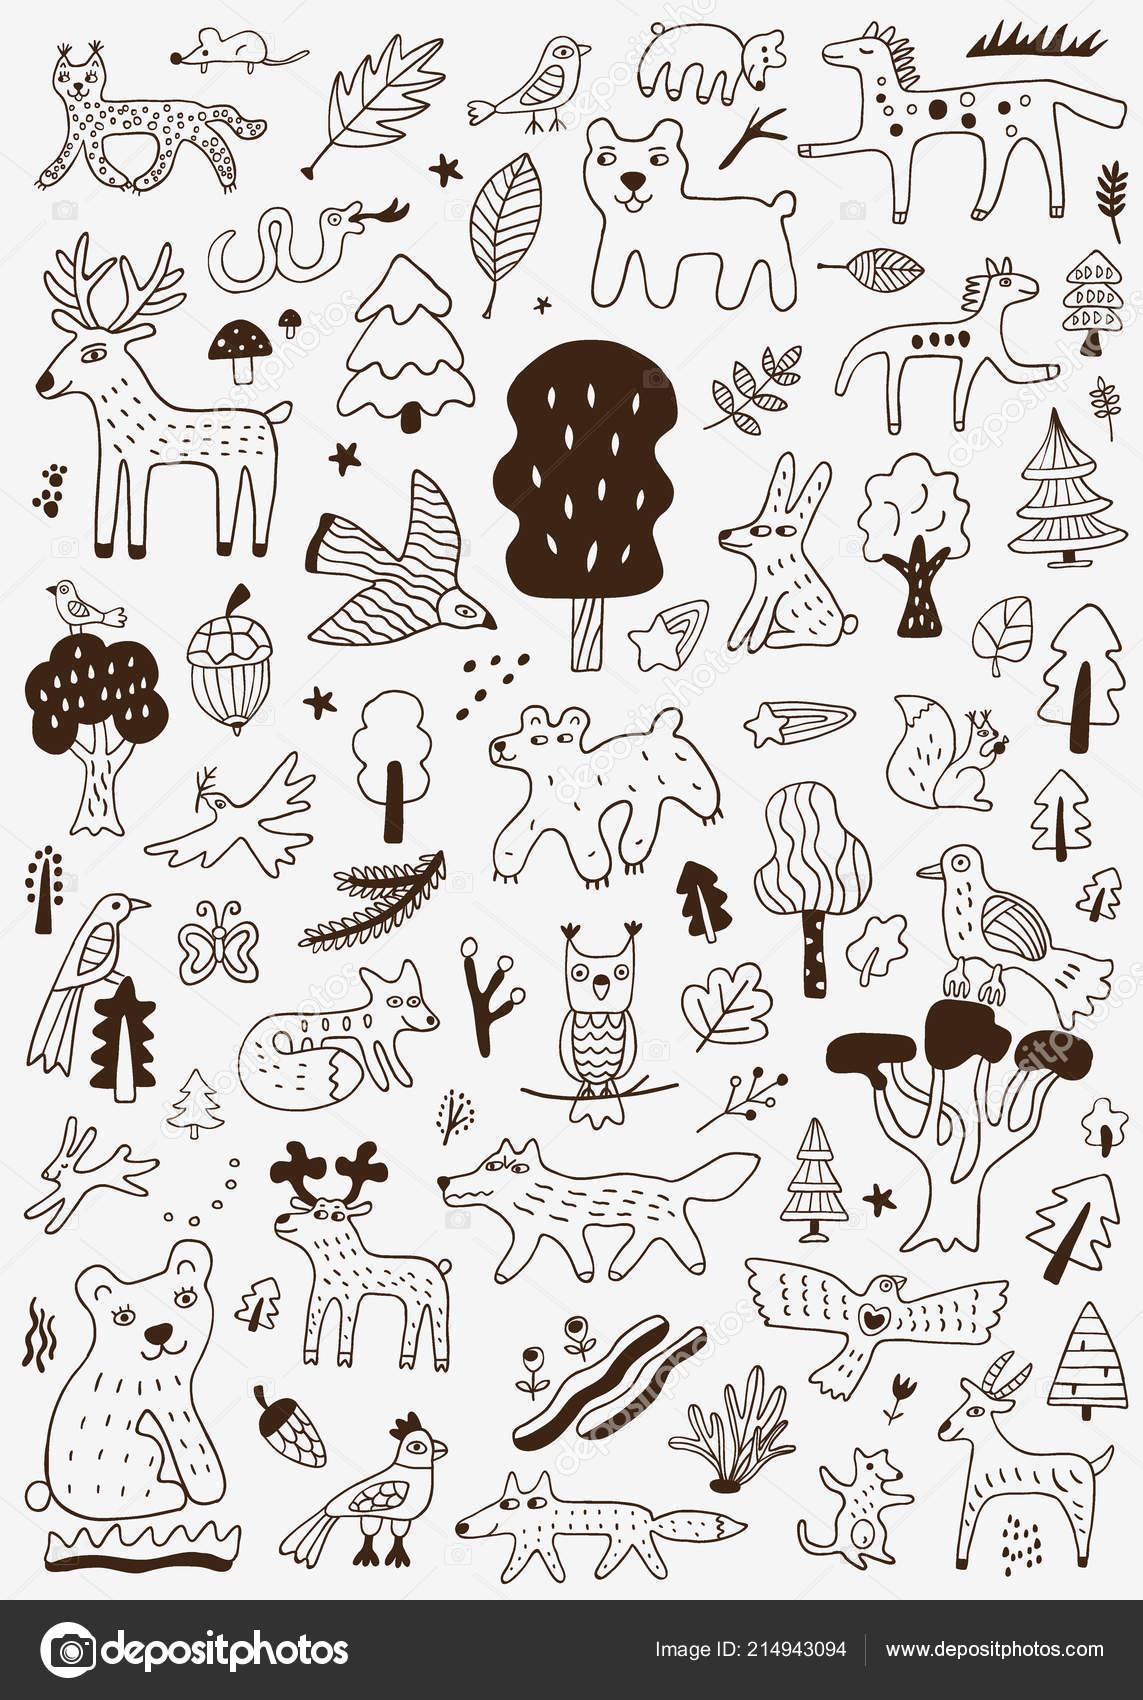 Lesni Zvirata Priroda Symboly Doodle Sada Kresby Tuzkou Stock